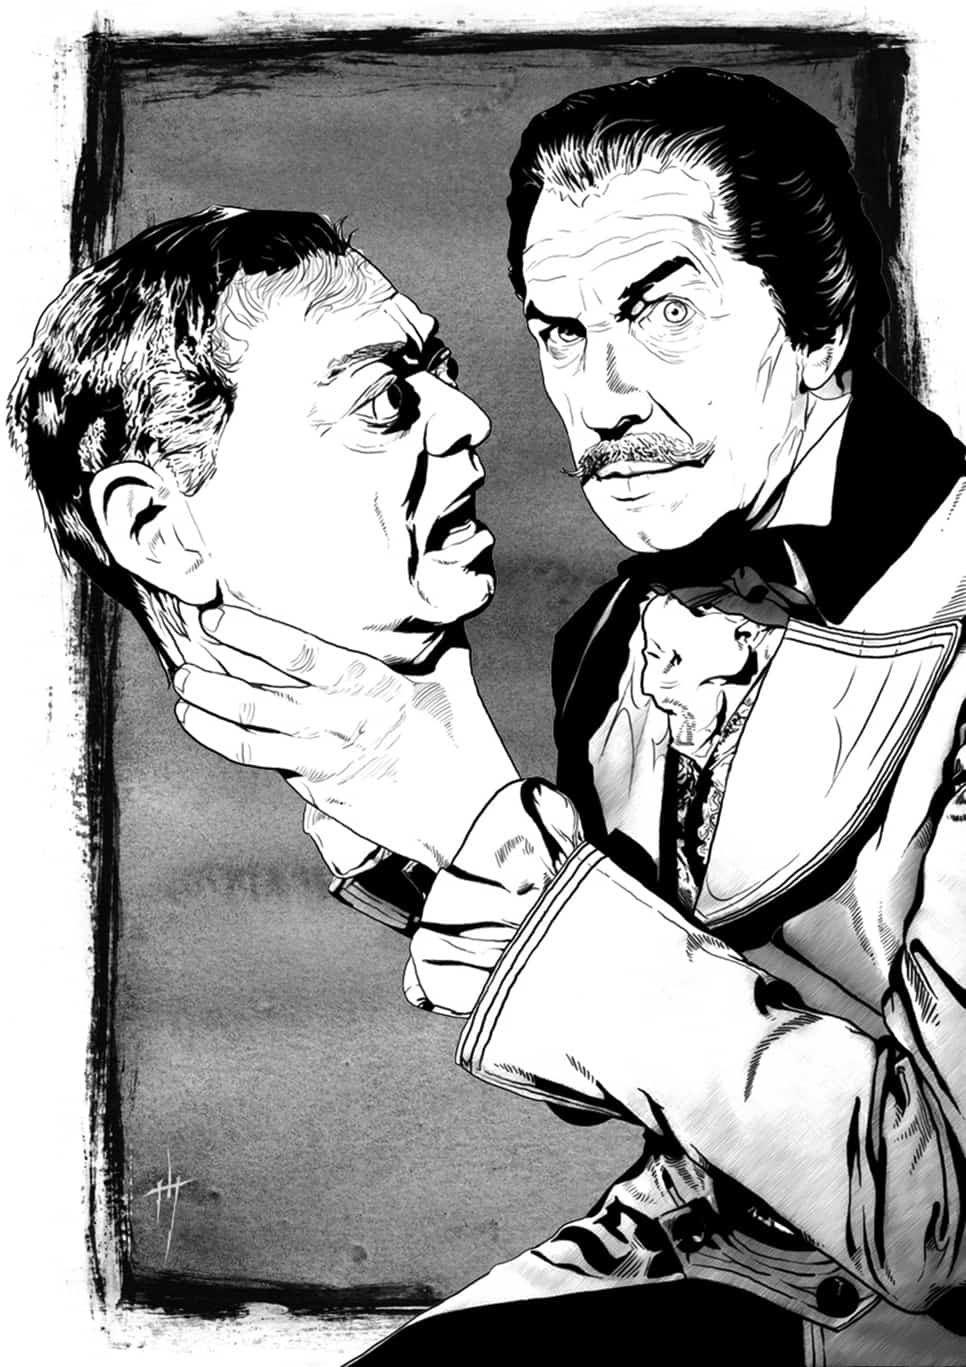 Vincent Price illustration